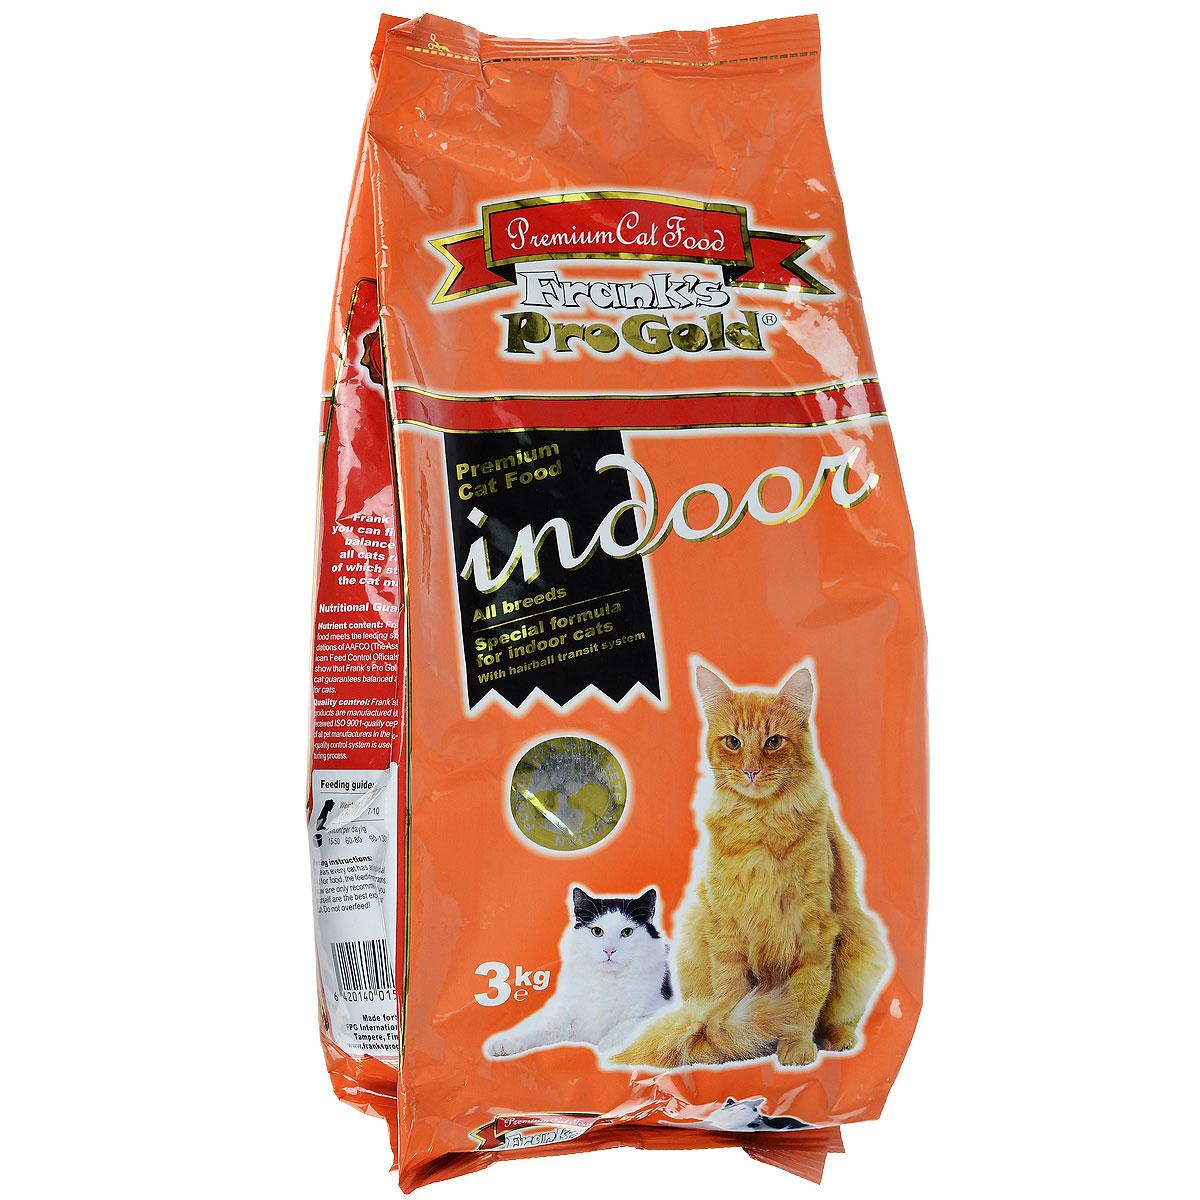 Корм сухой Franks ProGold для домашних и кастрированных кошек, 3 кг23299Сухой корм Franks ProGold - это полноценный рацион для взрослых домашних и кастрированных котов. Он содержит особую разработанную с участием ученых комбинацию ингредиентов для поддержания здоровья вашего питомца в течение продолжительного времени. Корм с высококачественным белком и низким содержанием жира, сочетающий все необходимые питательные веществаСостав: дегидрированное мясо курицы, рис, маис, ячмень, куриный жир, печень птицы, гидролизованный белок, пищевая целлюлоза (минимум 5%), мякоть свеклы, минералы, витамины, дрожжи, яичный порошок, кукурузная мука, рыбий жир, фруктоолигосахариды (минимум 5%), лецитан (минимум 0,5%), экстракт юкки, линхлорид, карбонат кальция, мясо птицы, хлорид натрия, таурин, витамин Е, витамин С.Пищевая ценность: белки 28,0%, жиры 14,0%, клетчатка 5,5%, зола 6,5%, влажность 8,0%, фосфор 1,0%, кальций 1,1%, натрий 0,6%, магний 0,09%. Добавки: витамин-A 22000 IU/кг, витамин-D3 2000 IU/кг, витамин-E 400 мг/кг, витамин-C 40 мг/кг, медь (сульфат меди пентагидрат) 2,8 мг/кг, таурин 1600 мг/кг, холина хлорид 2500 мг/кг, лецитин 5 г/кг. Товар сертифицирован.